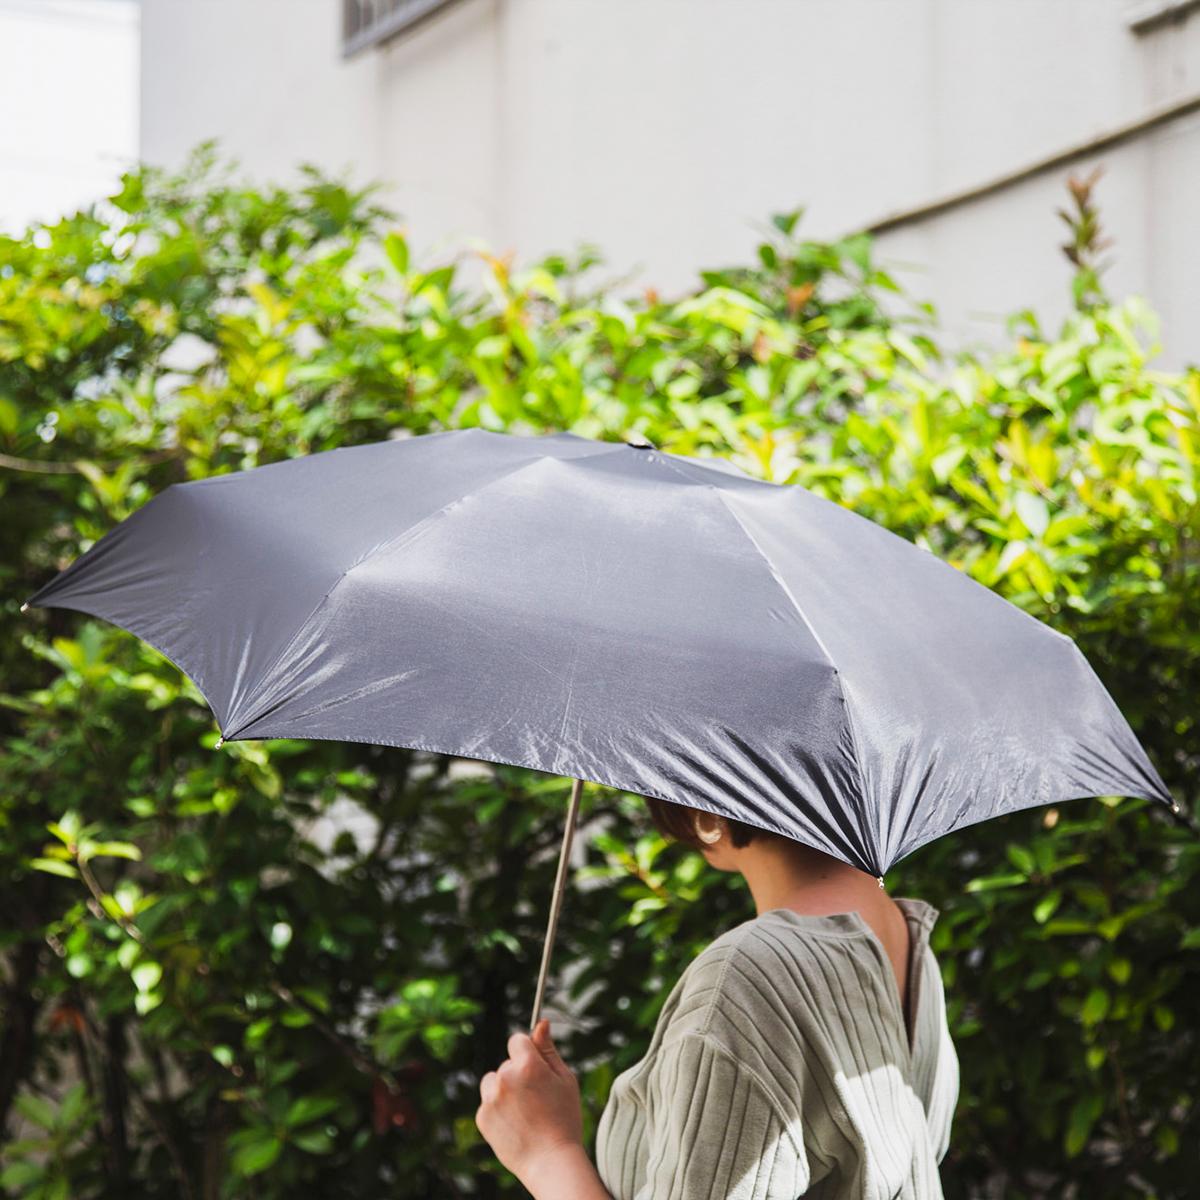 97.3%のUVカット加工が施されており、遮熱性もある世界最小級折りたたみ傘「マイクロ傘」|スギタ